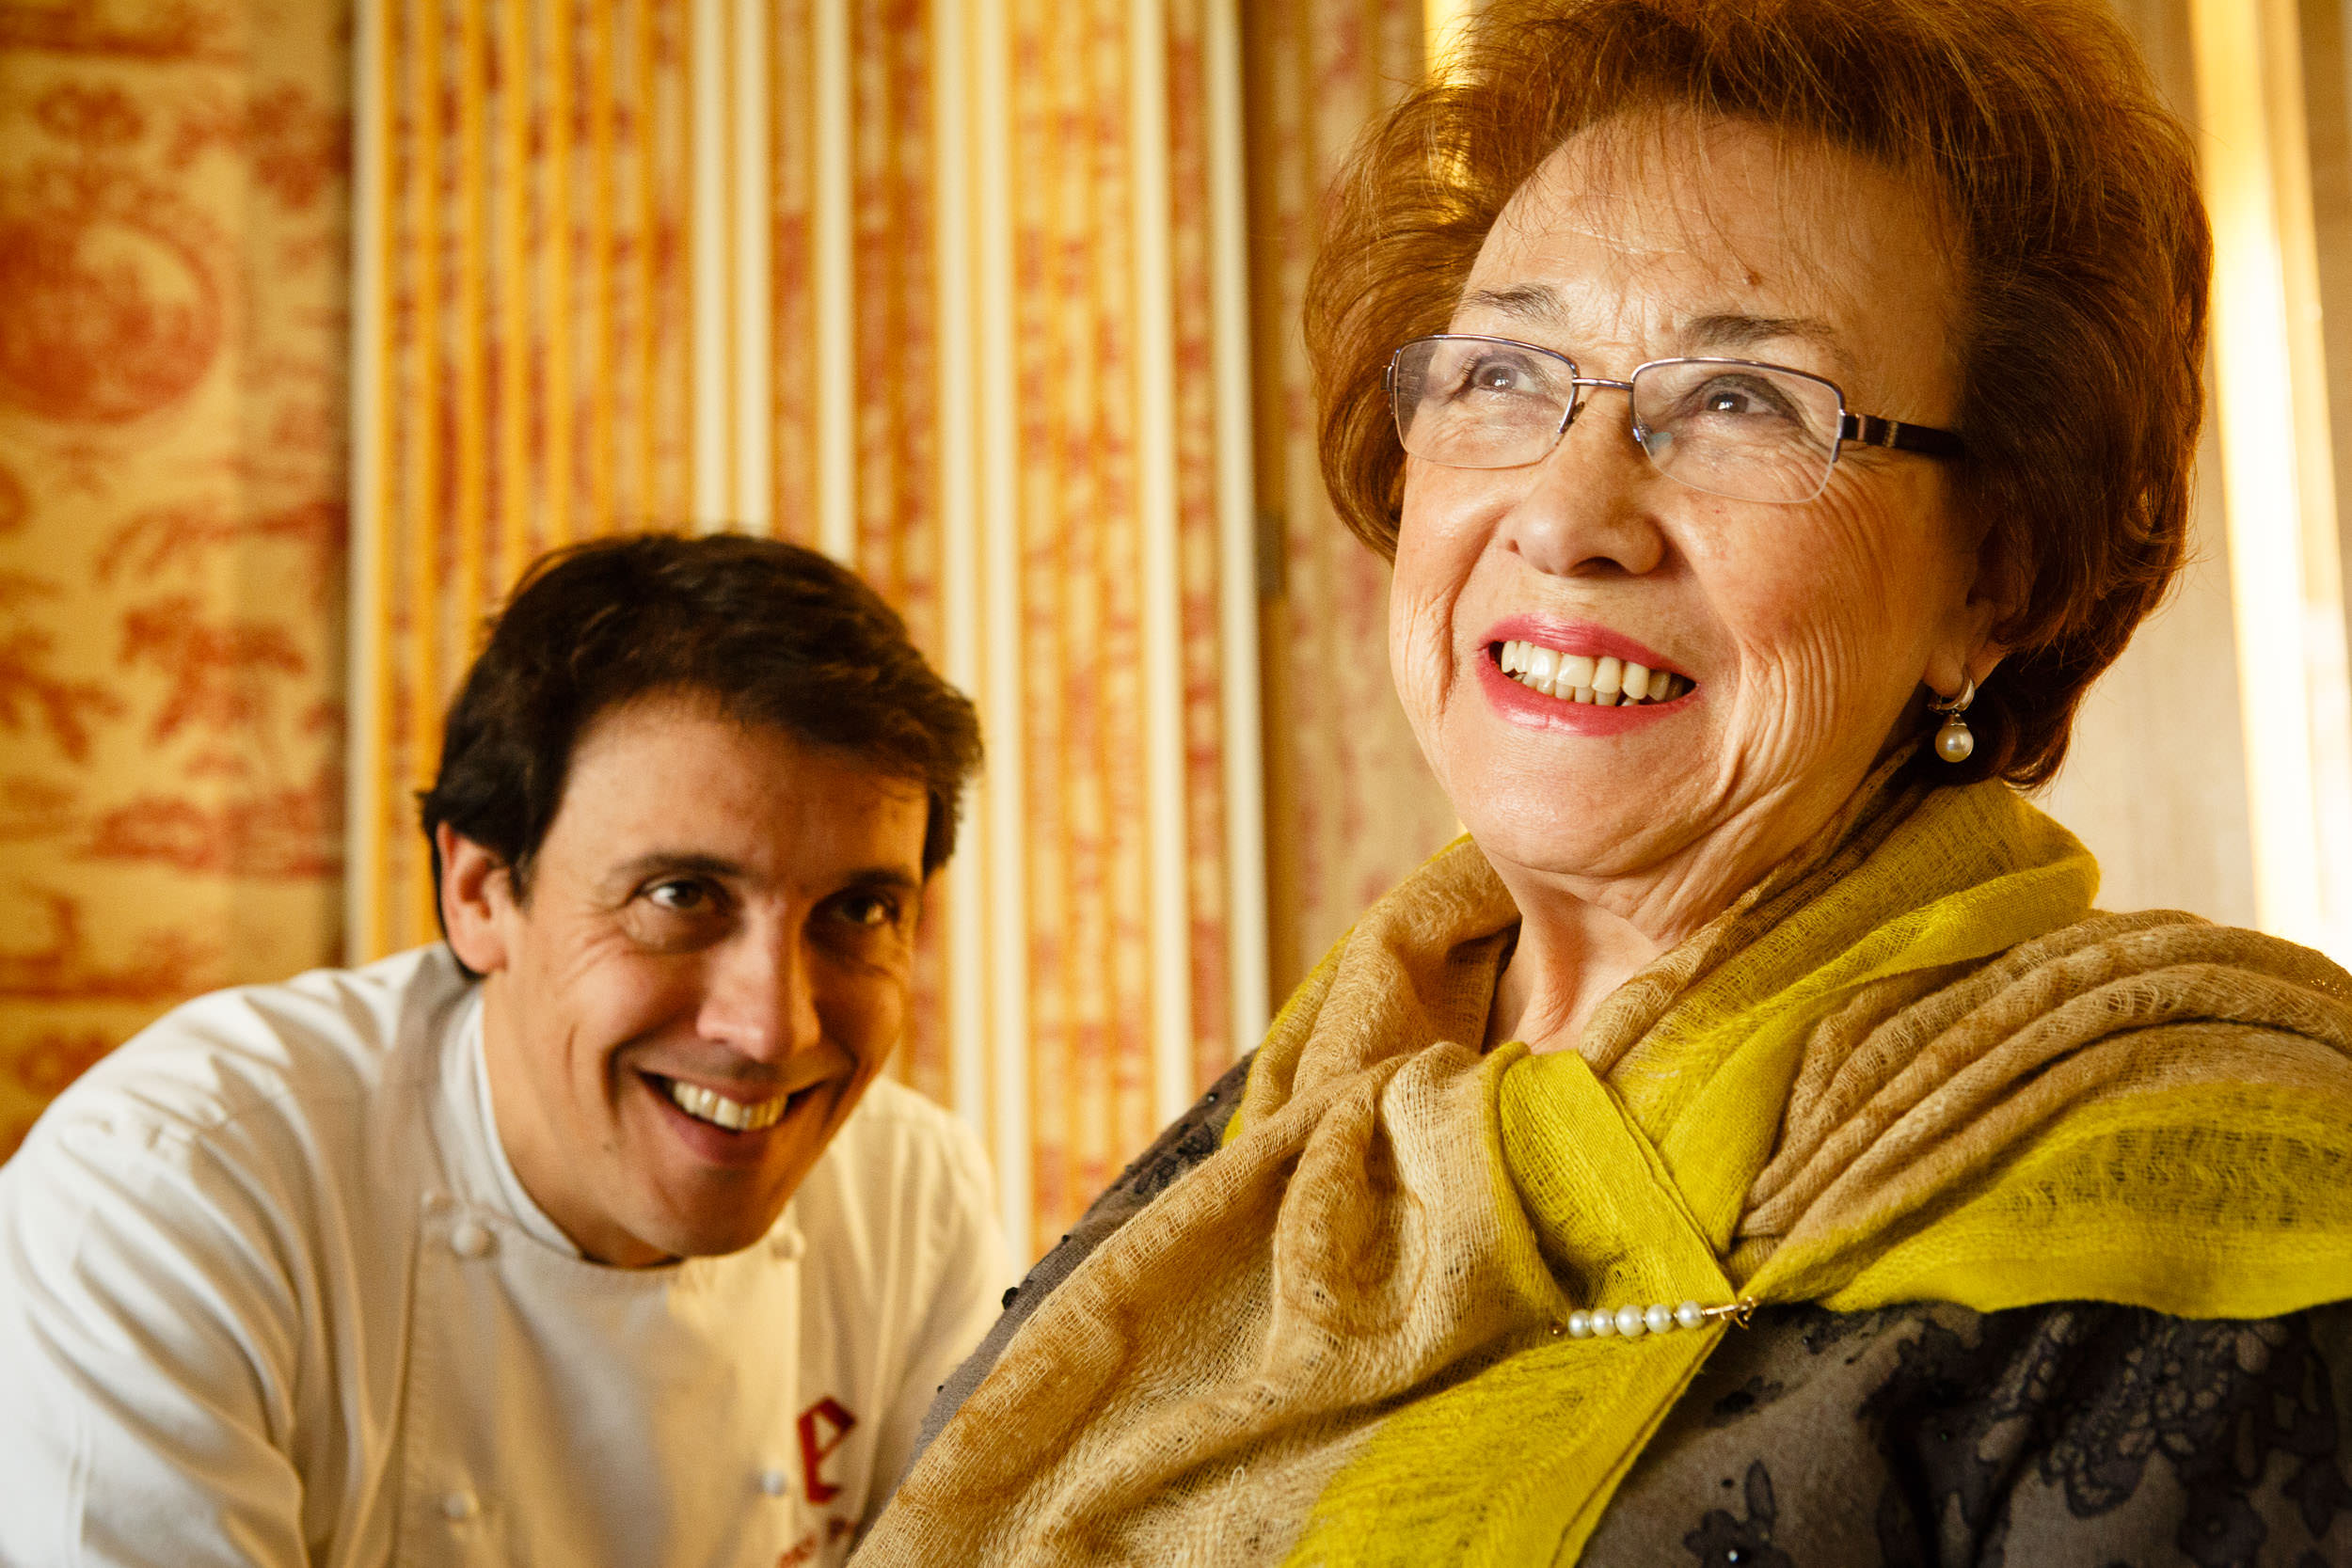 Fotografia de Retratos La Rioja Pais Vasco España - James Sturcke - sturcke.org_043.jpg